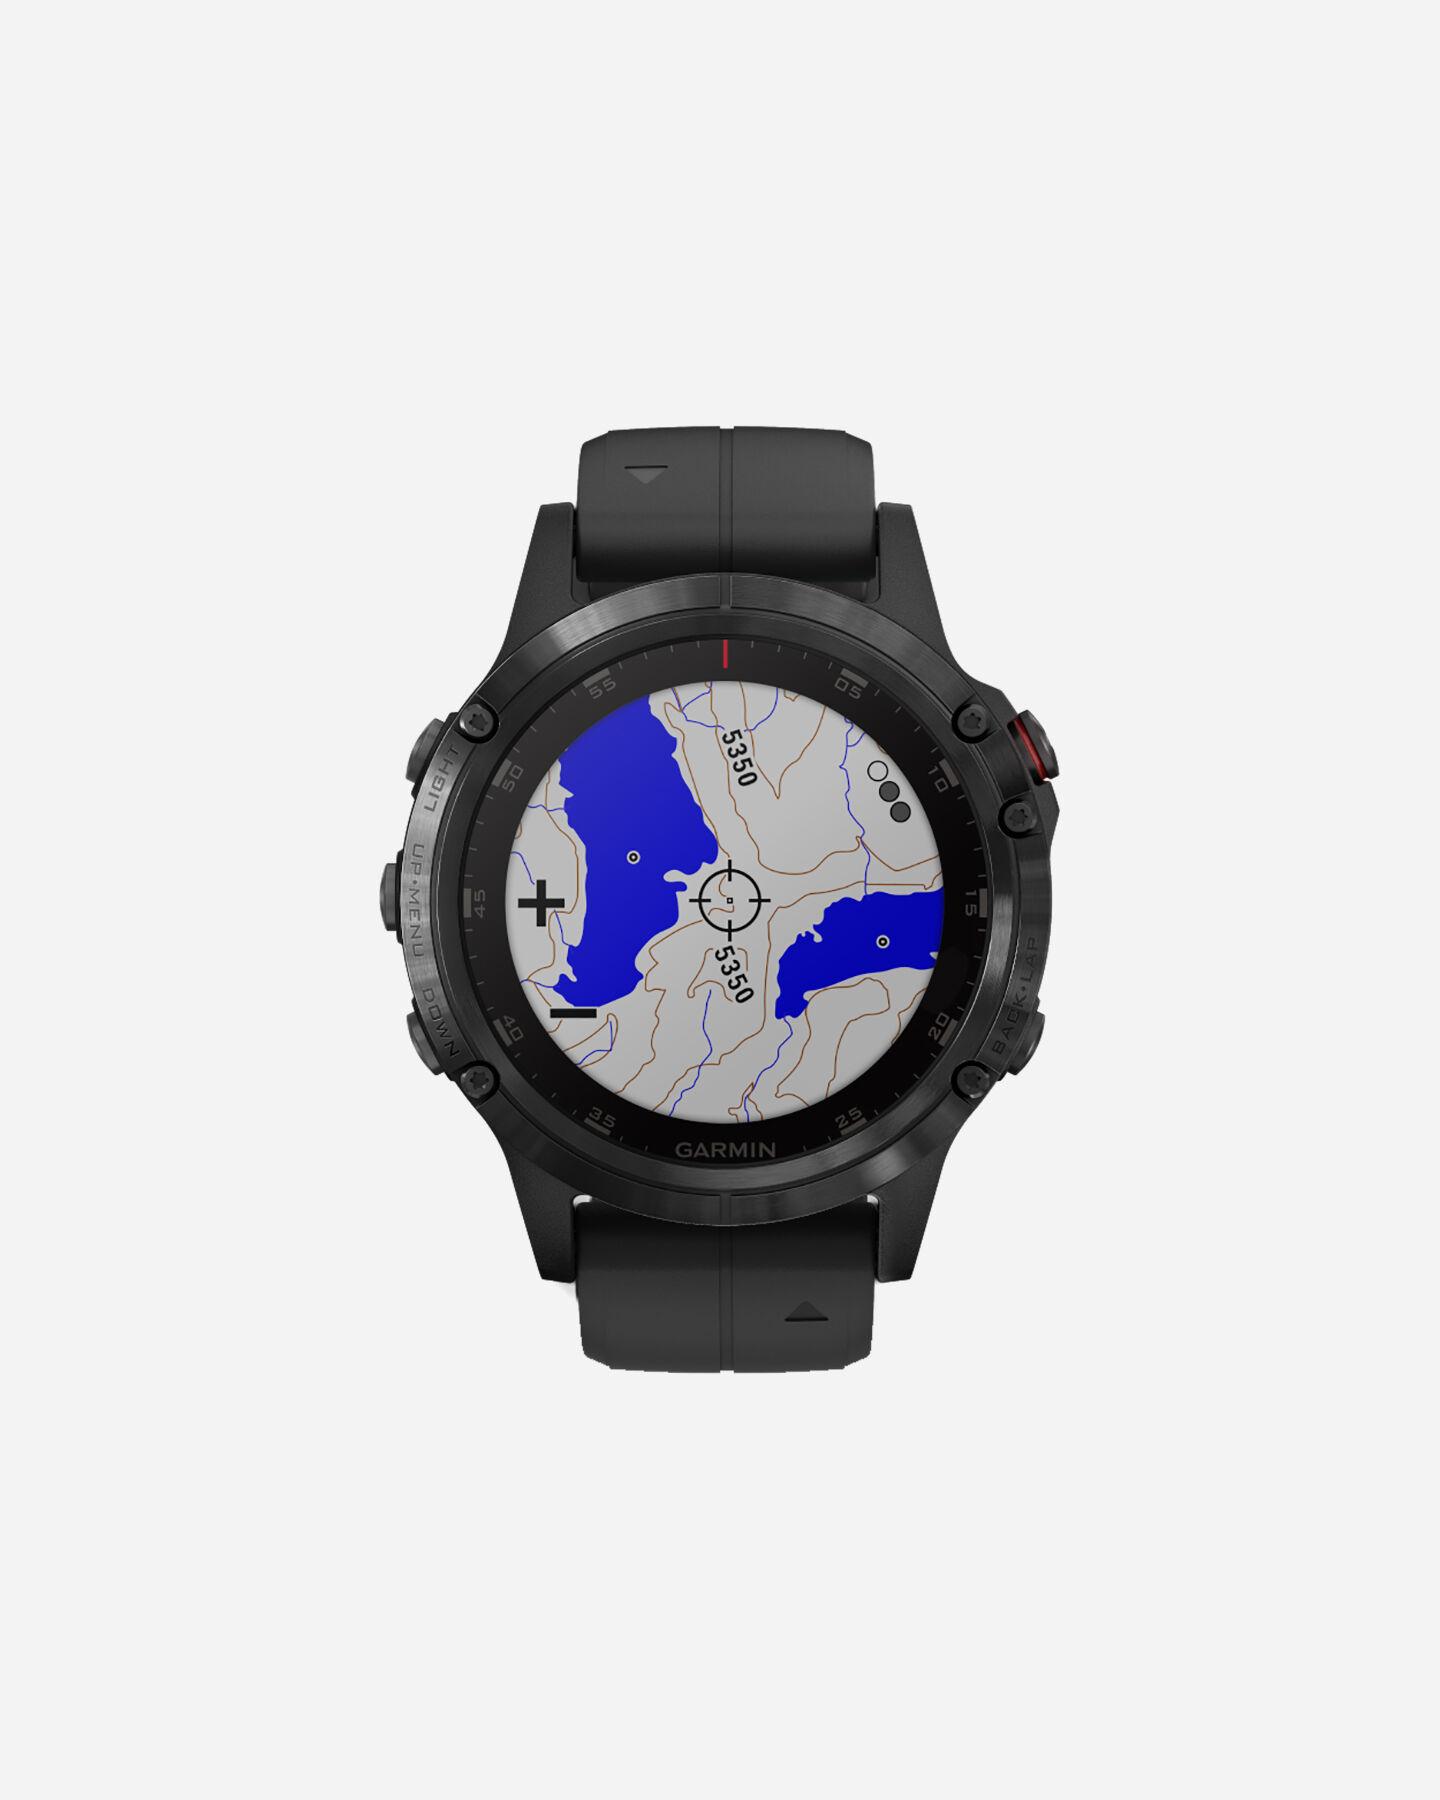 Orologio multifunzione GARMIN FENIX5 PLUS SAPPHIRE S4056931 01 UNI scatto 0